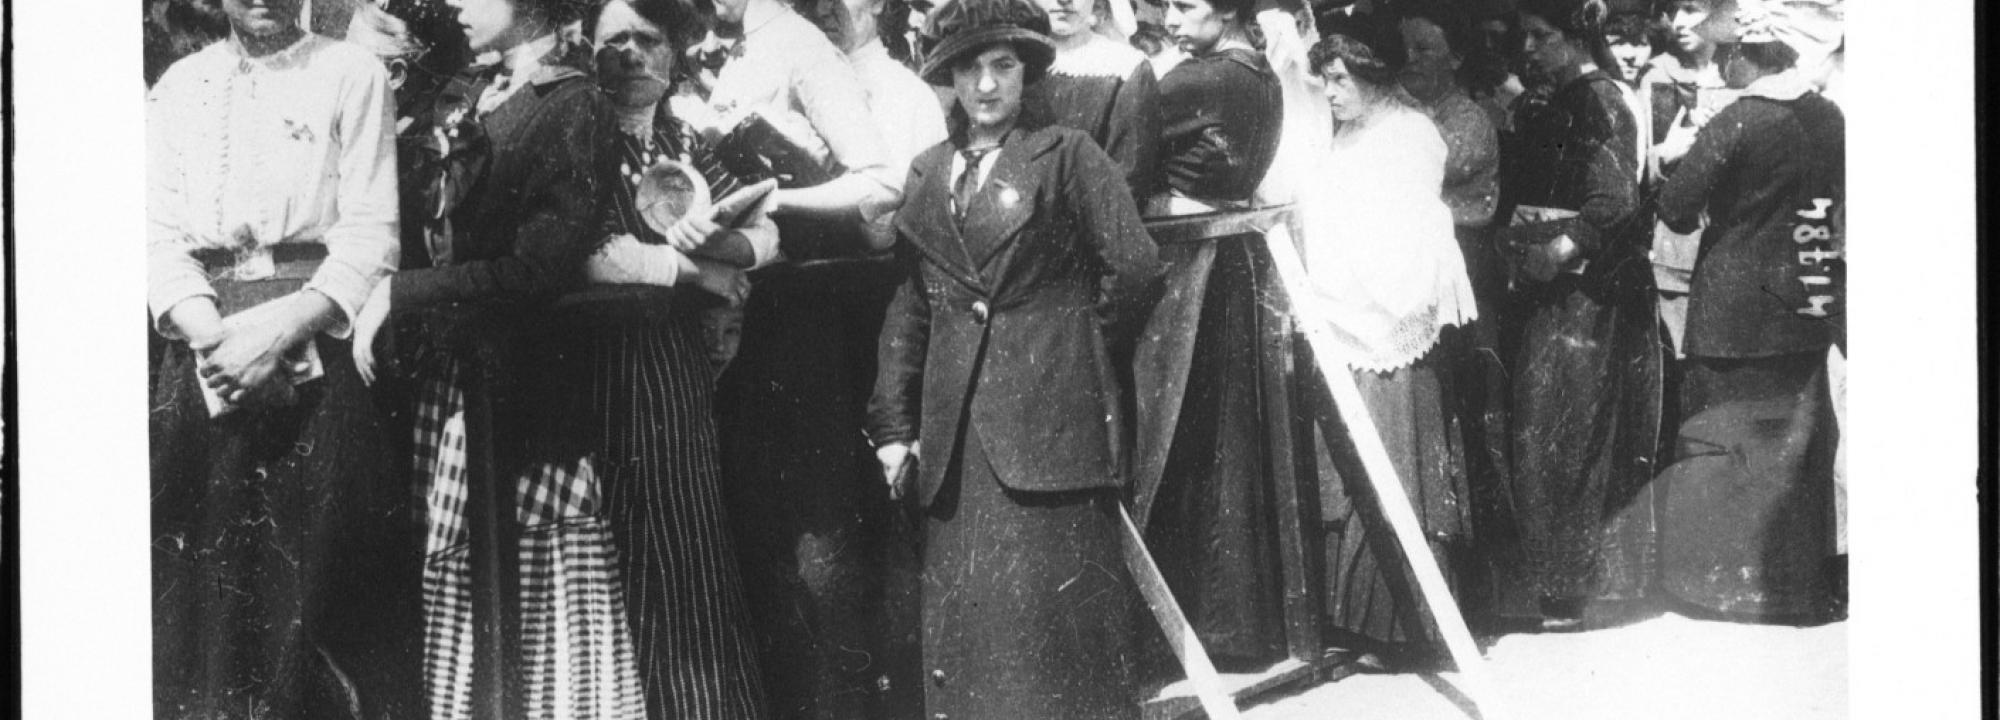 Les épouses attendent des nouvelles, Bruxelles, 1914